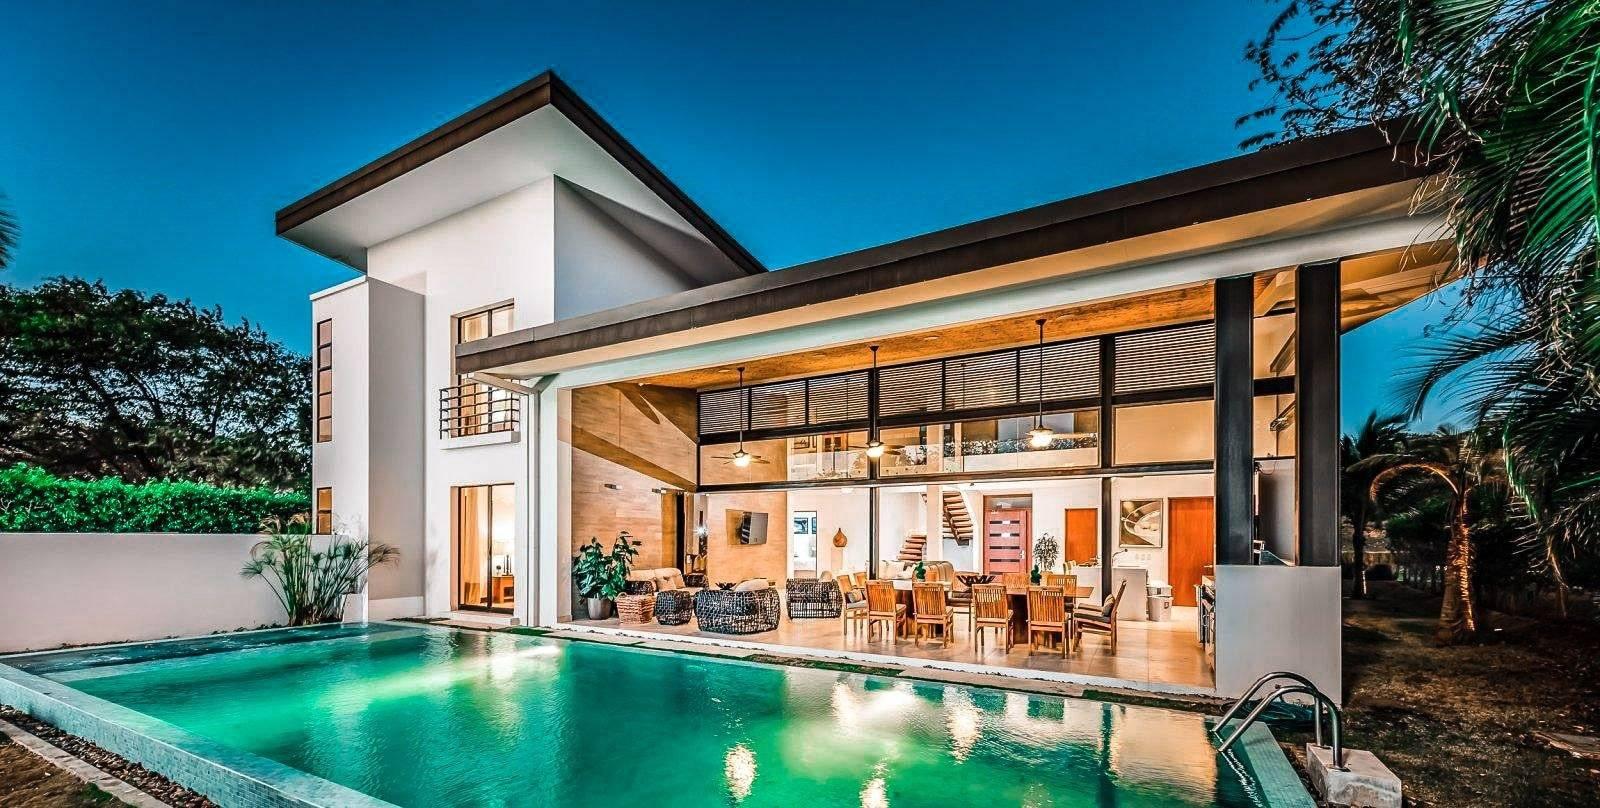 Casa Moderna vacation rental at Reserva Conchal